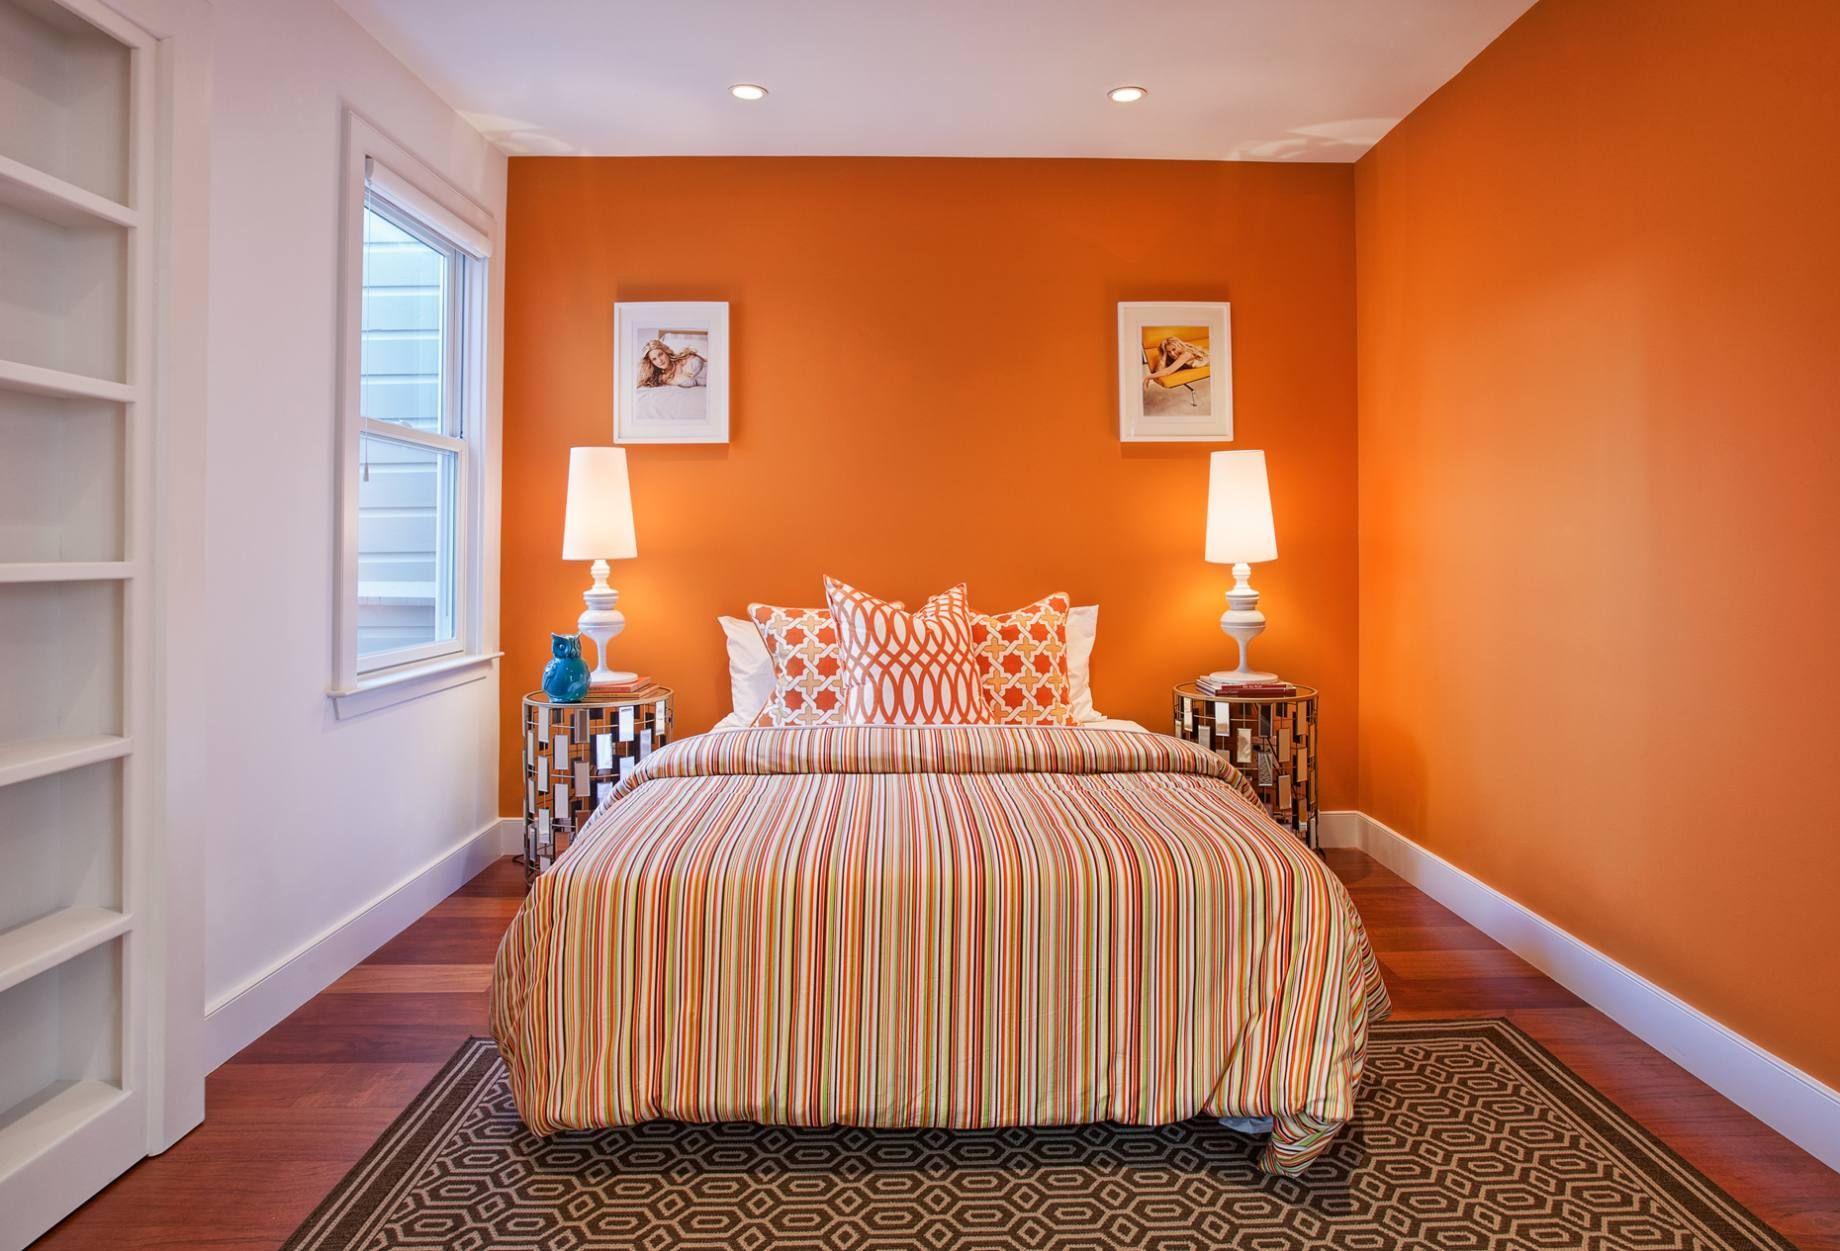 orange and yellow bedroom ideas | Attractive Orange ...